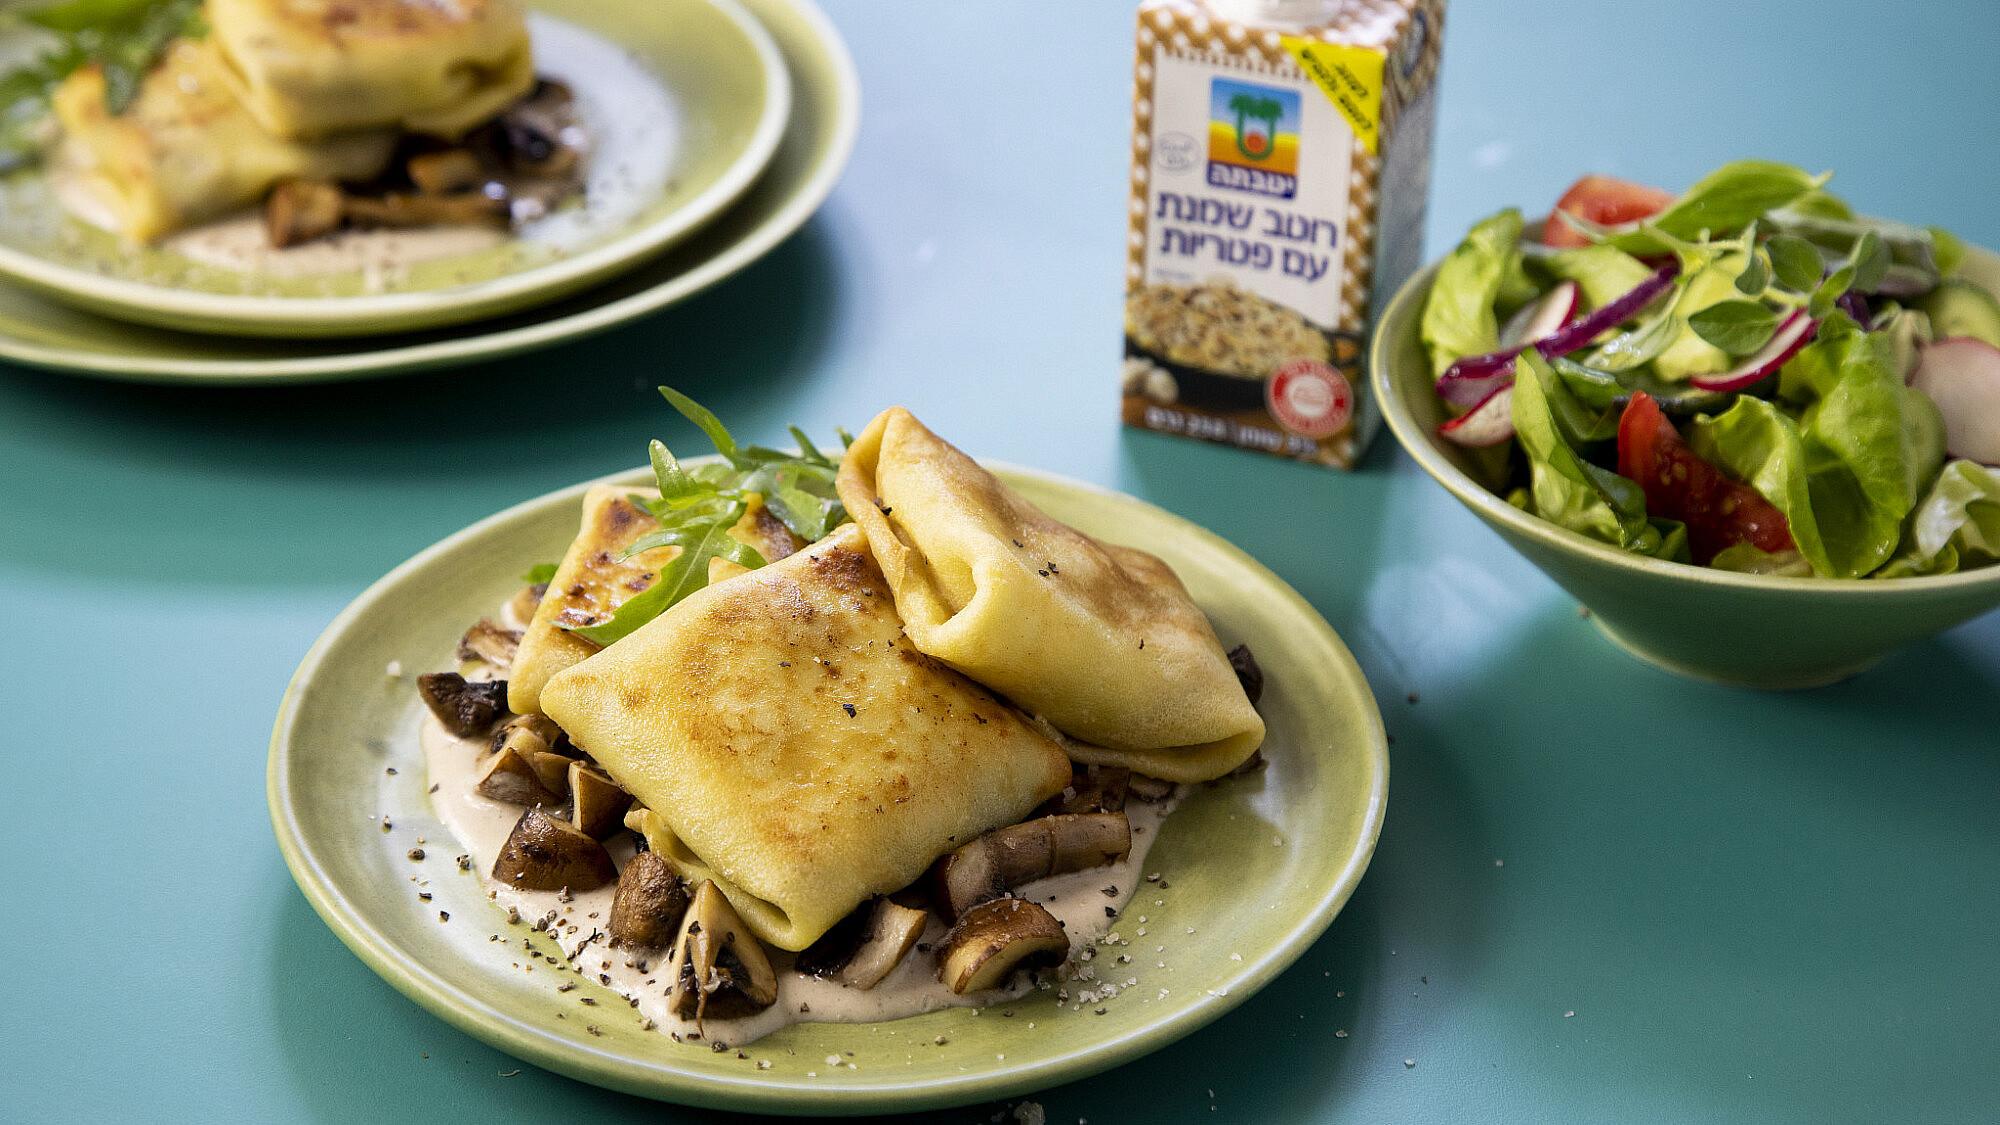 בלינצ׳ס שמנת פטריות שף: יוגב ירוס צילום: דן לב, סטיילינג: גיא כהן